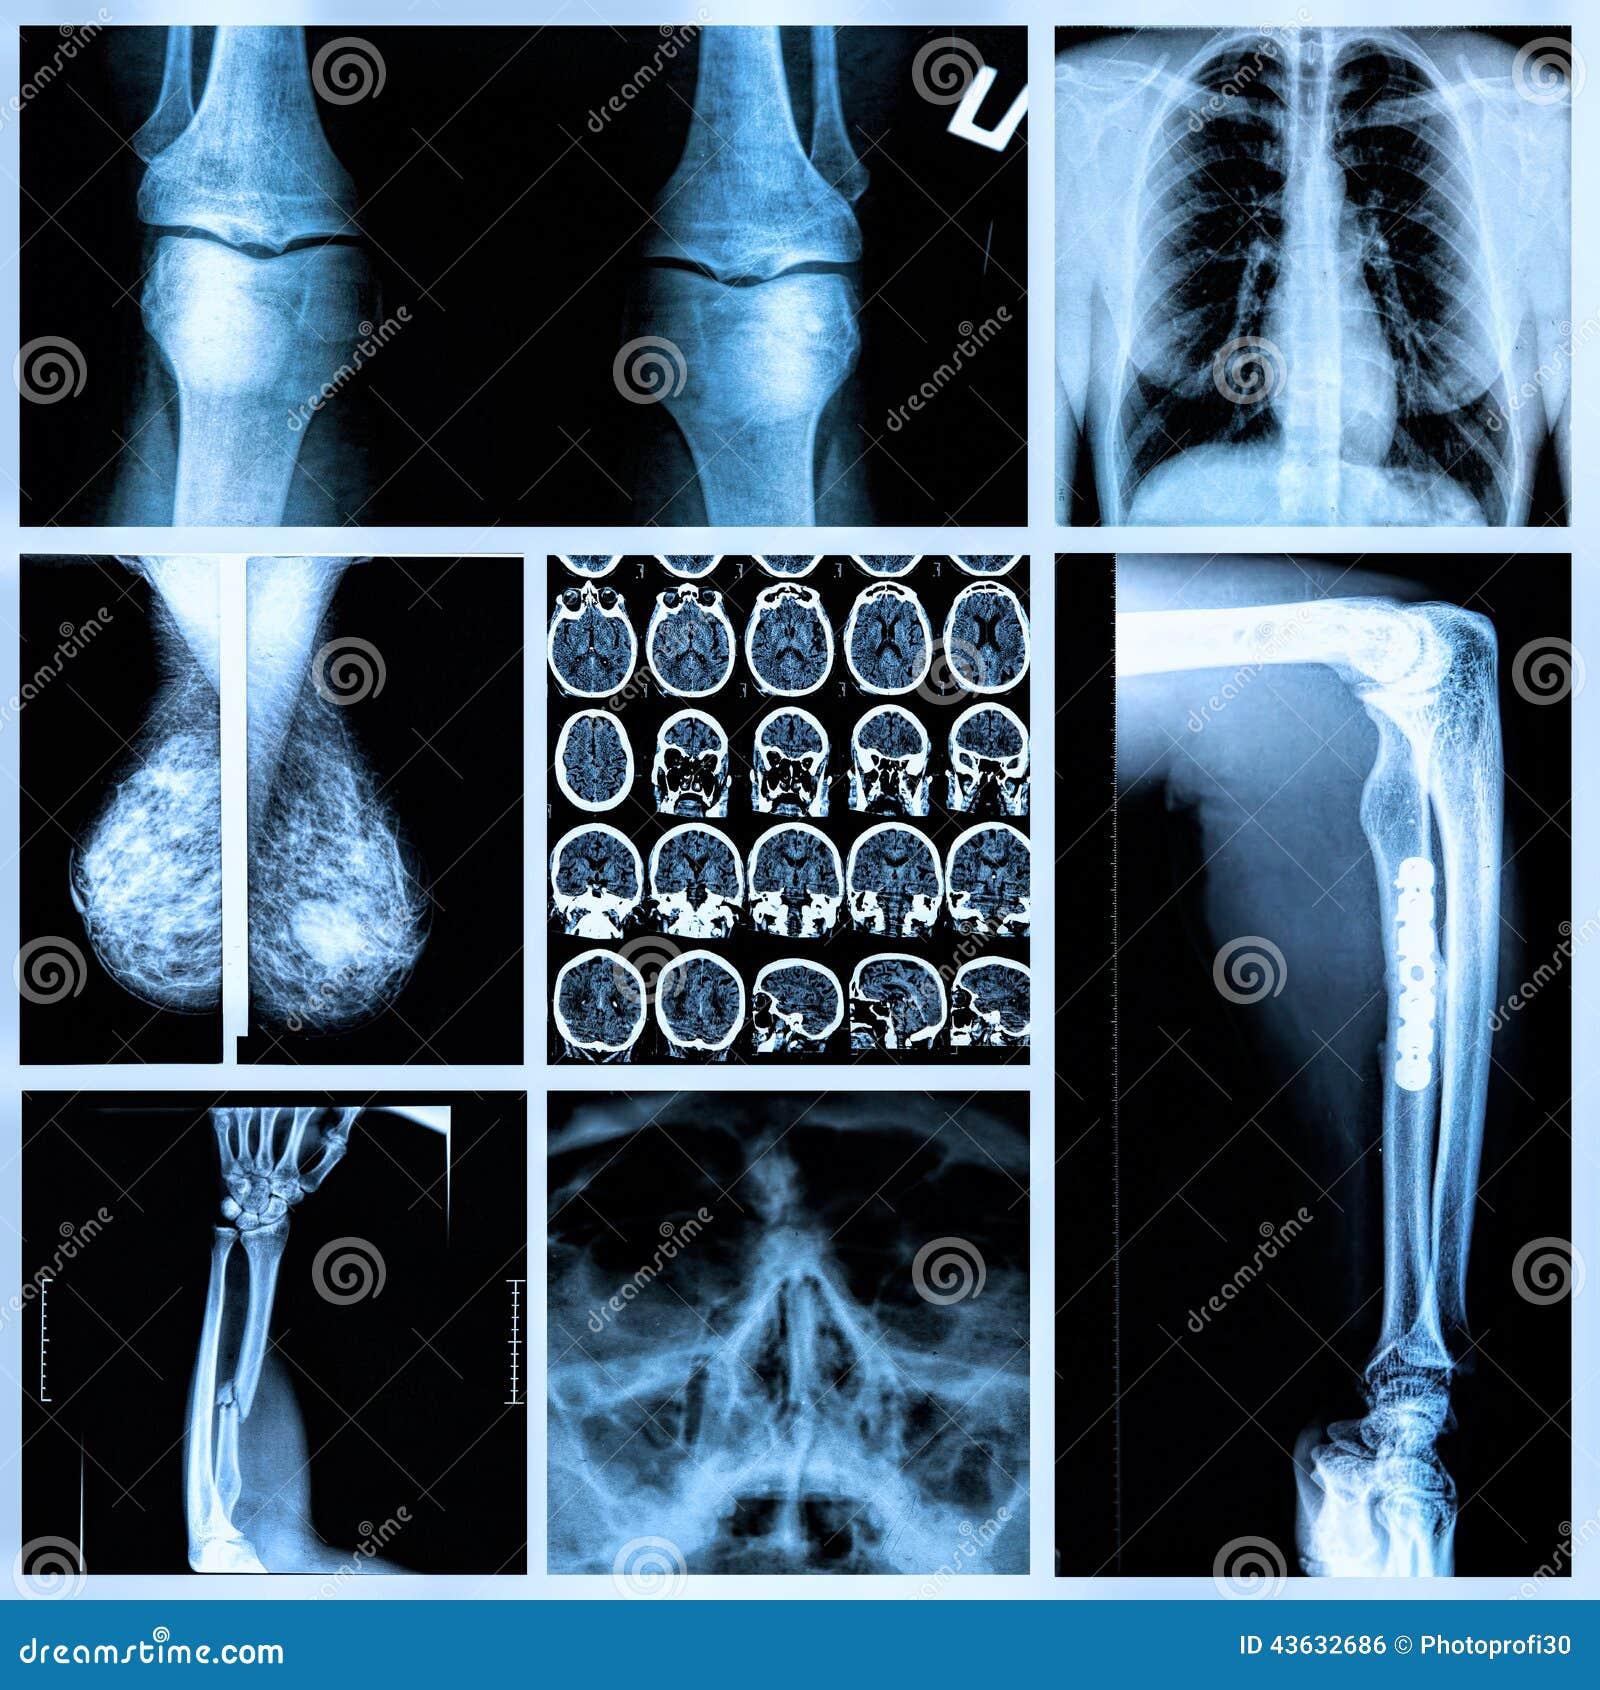 Radiographie der menschlichen Knochen